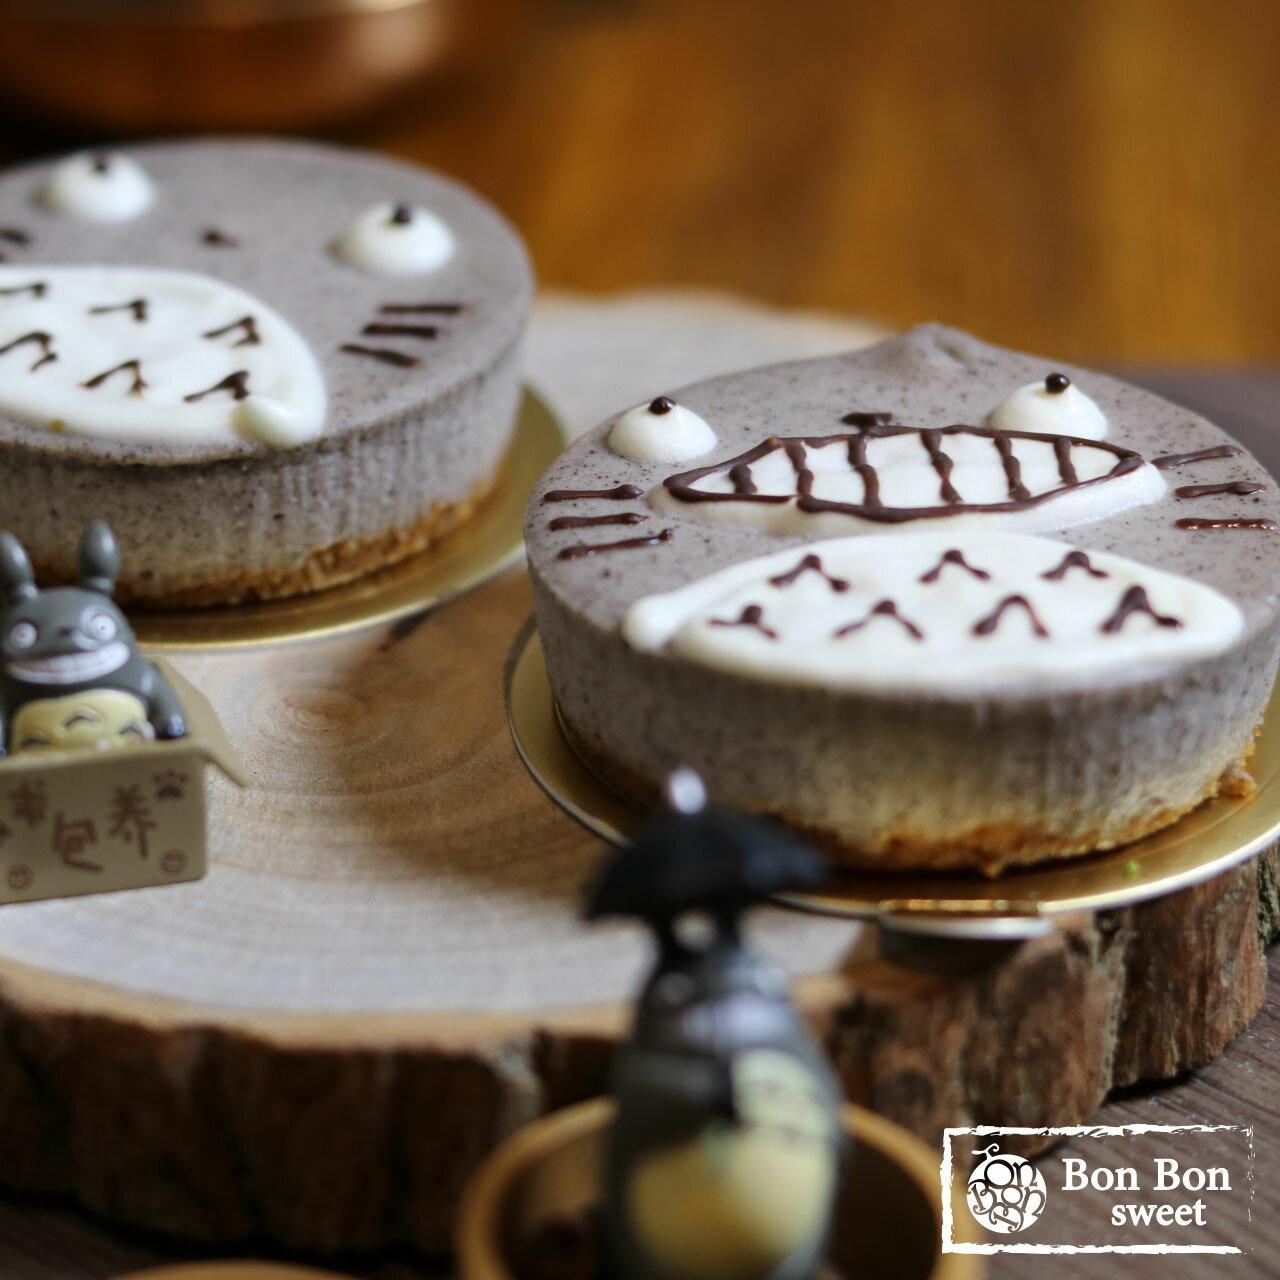 龍貓風! 芝麻乳酪蛋糕-6吋♥ 每一口的乳酪蛋糕都充滿濃濃的芝麻香→10/5輸入MARATHON1005立刻折88元! 2